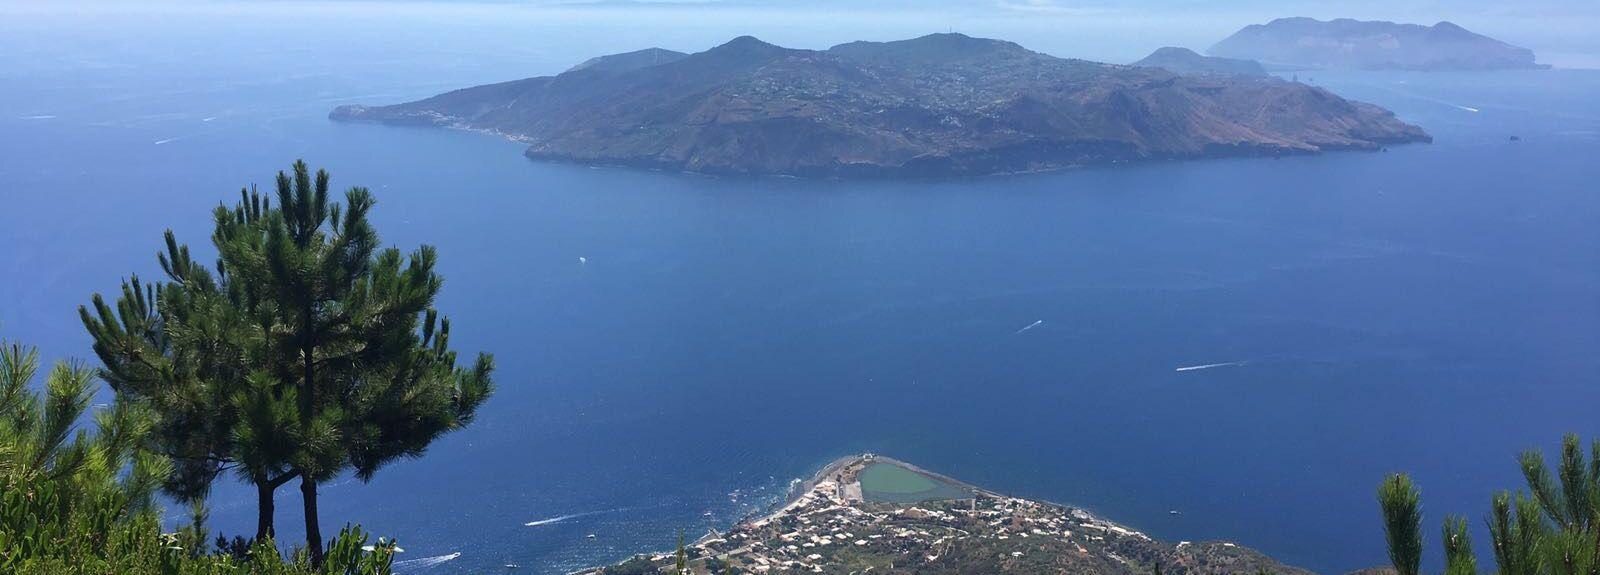 Äolische Inseln, Sizilien, Italien